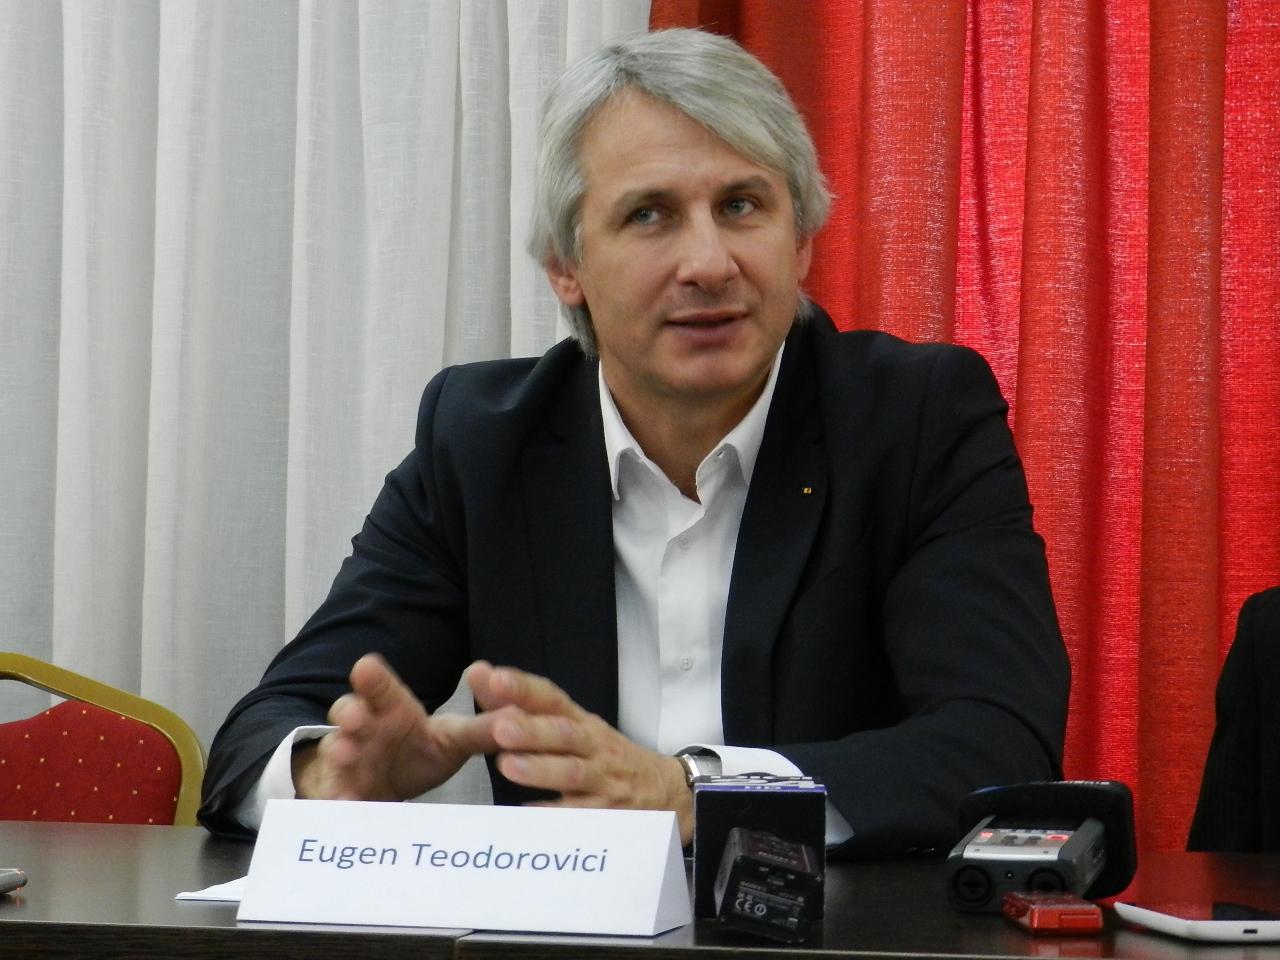 Eugen Teodorovici, noul ministru al Finanțelor! Marius Nica va prelua portofoliul Fondurilor Europene